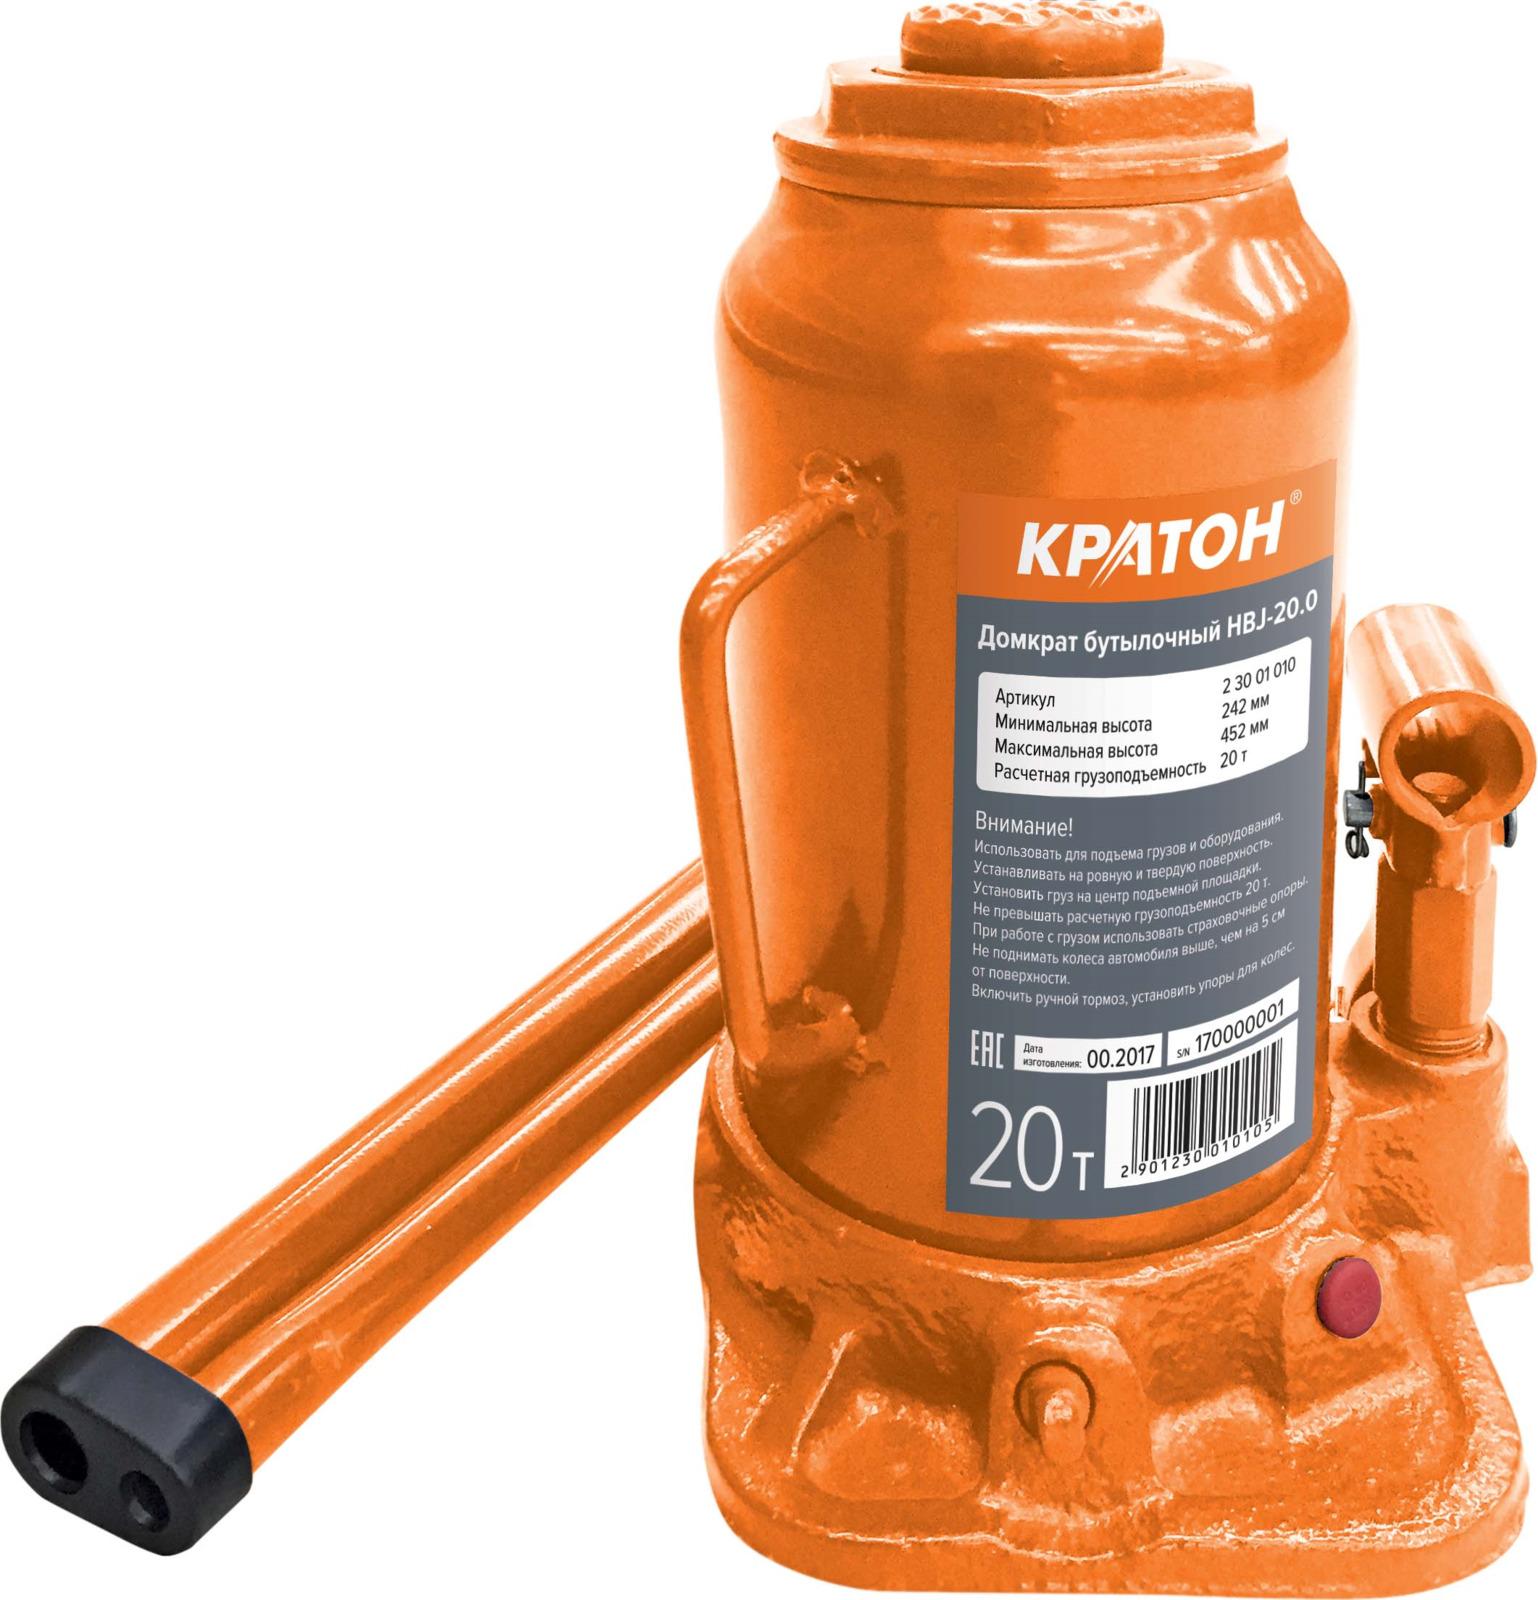 Домкрат бутылочный Кратон HBJ-20.0, высота подъема 46 см